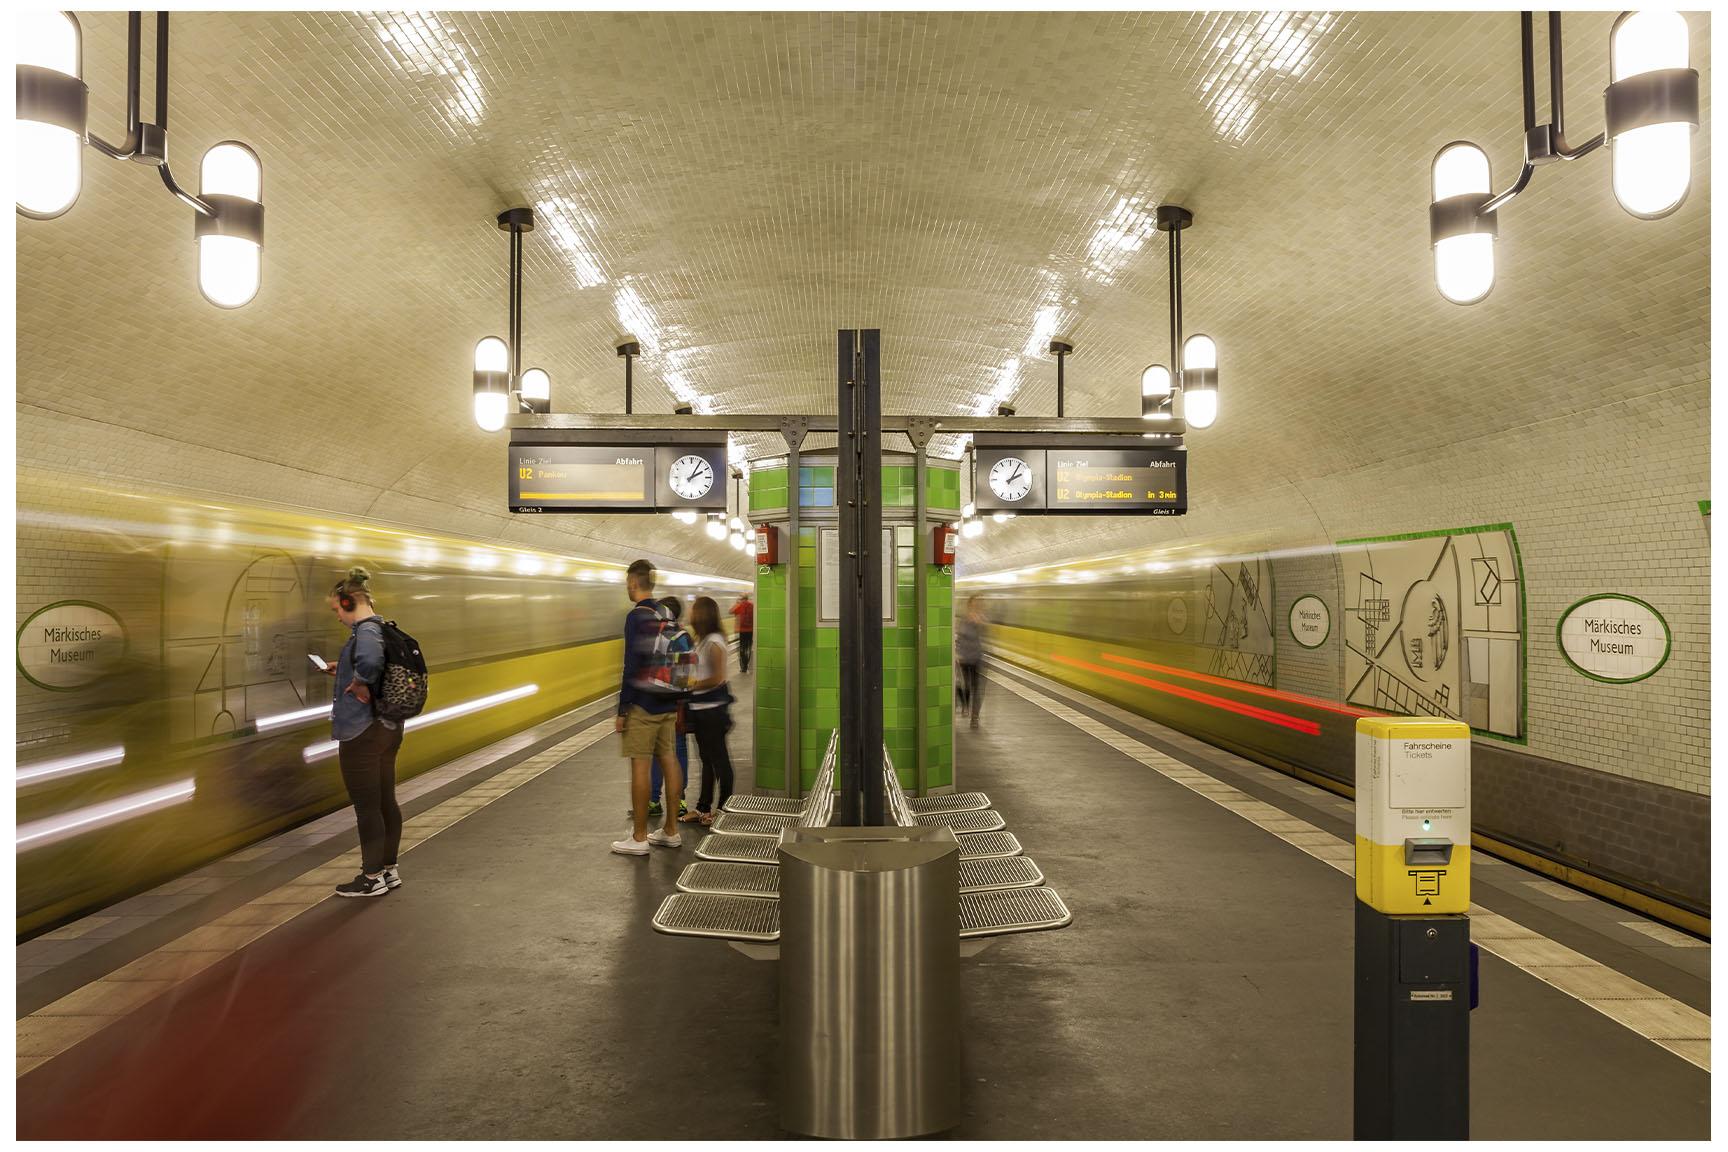 Berlin U-Bahn 2.jpg